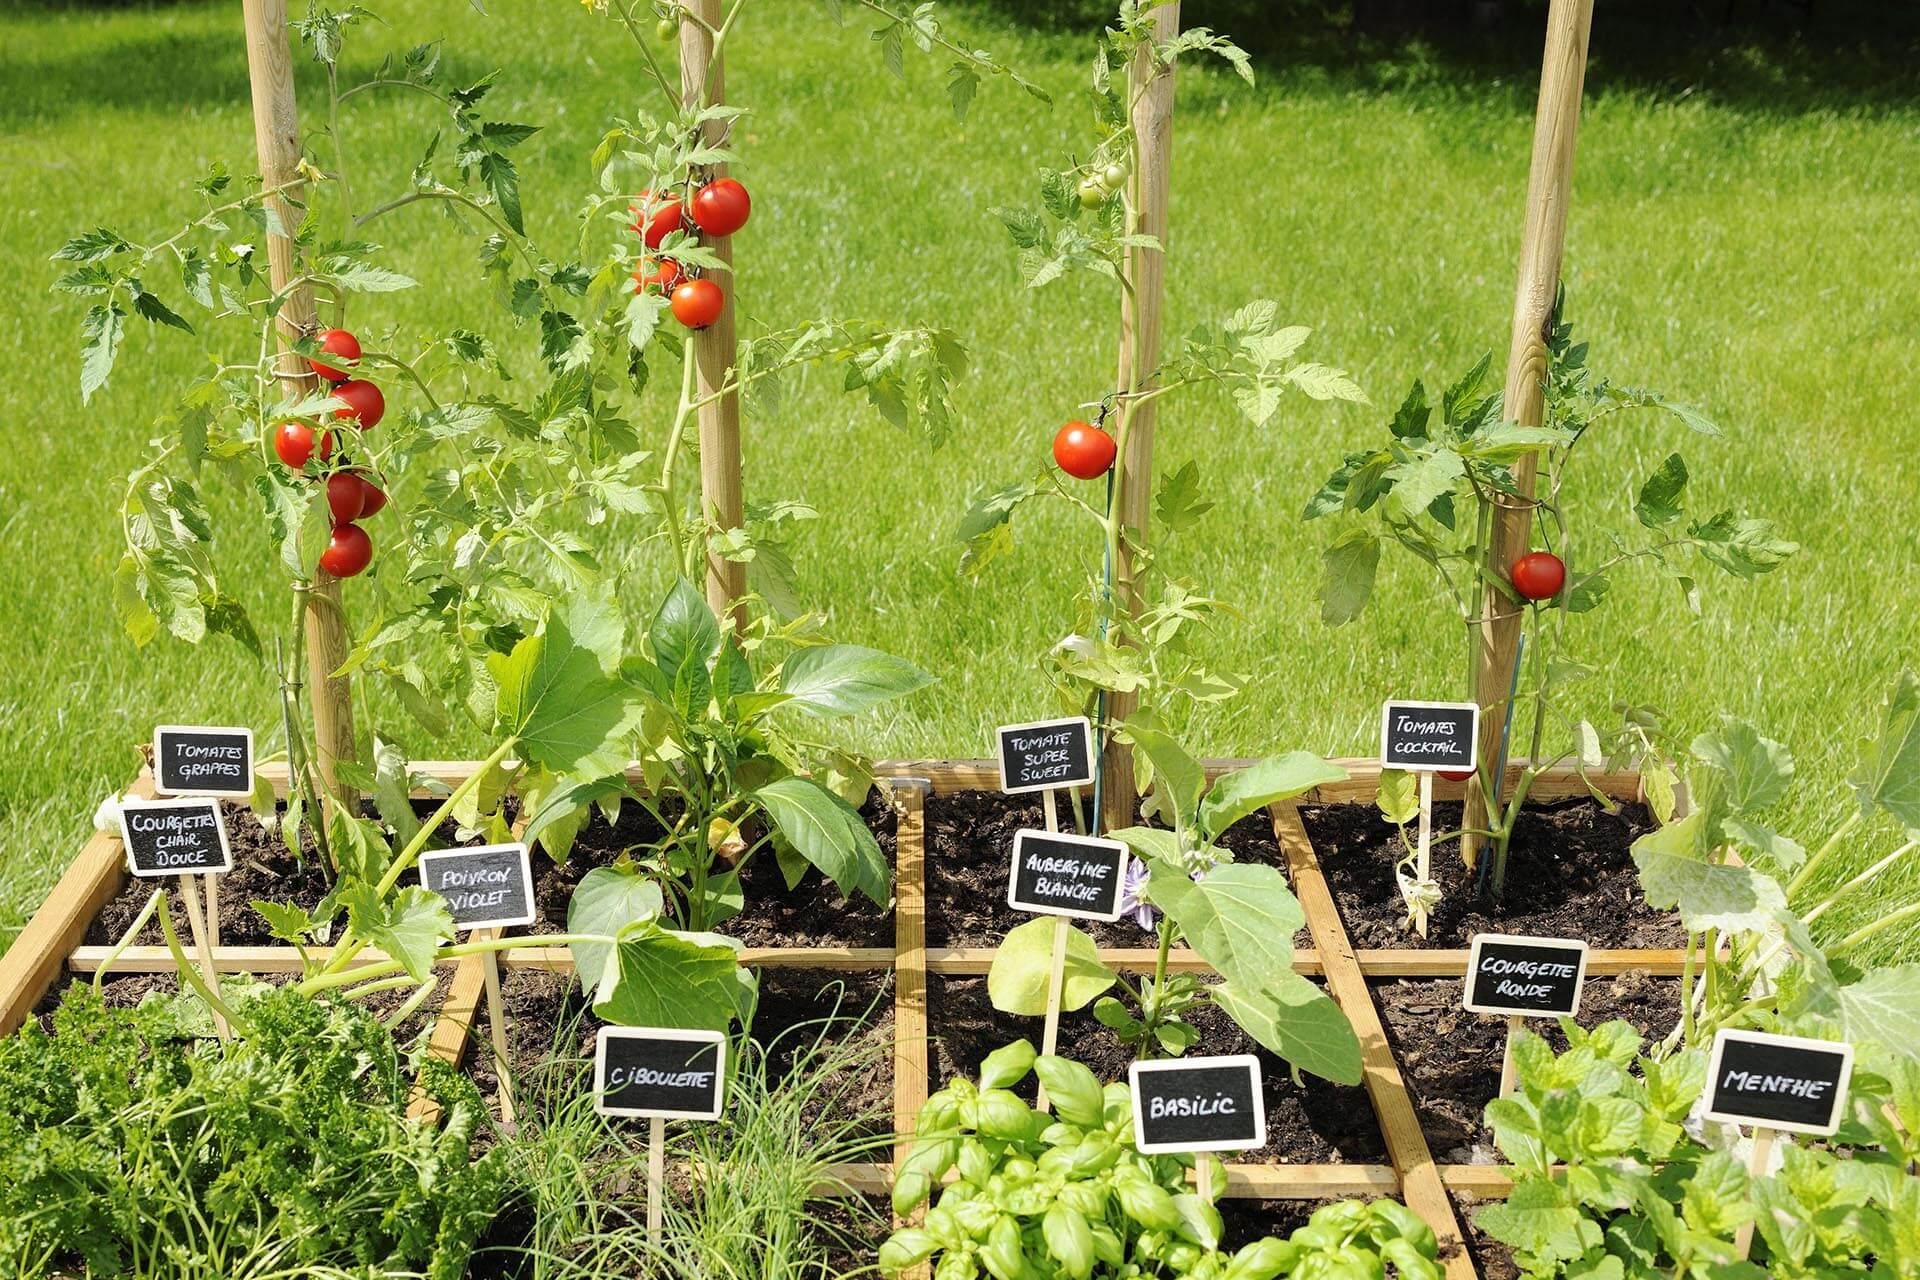 jardinage blog jardipolys 1